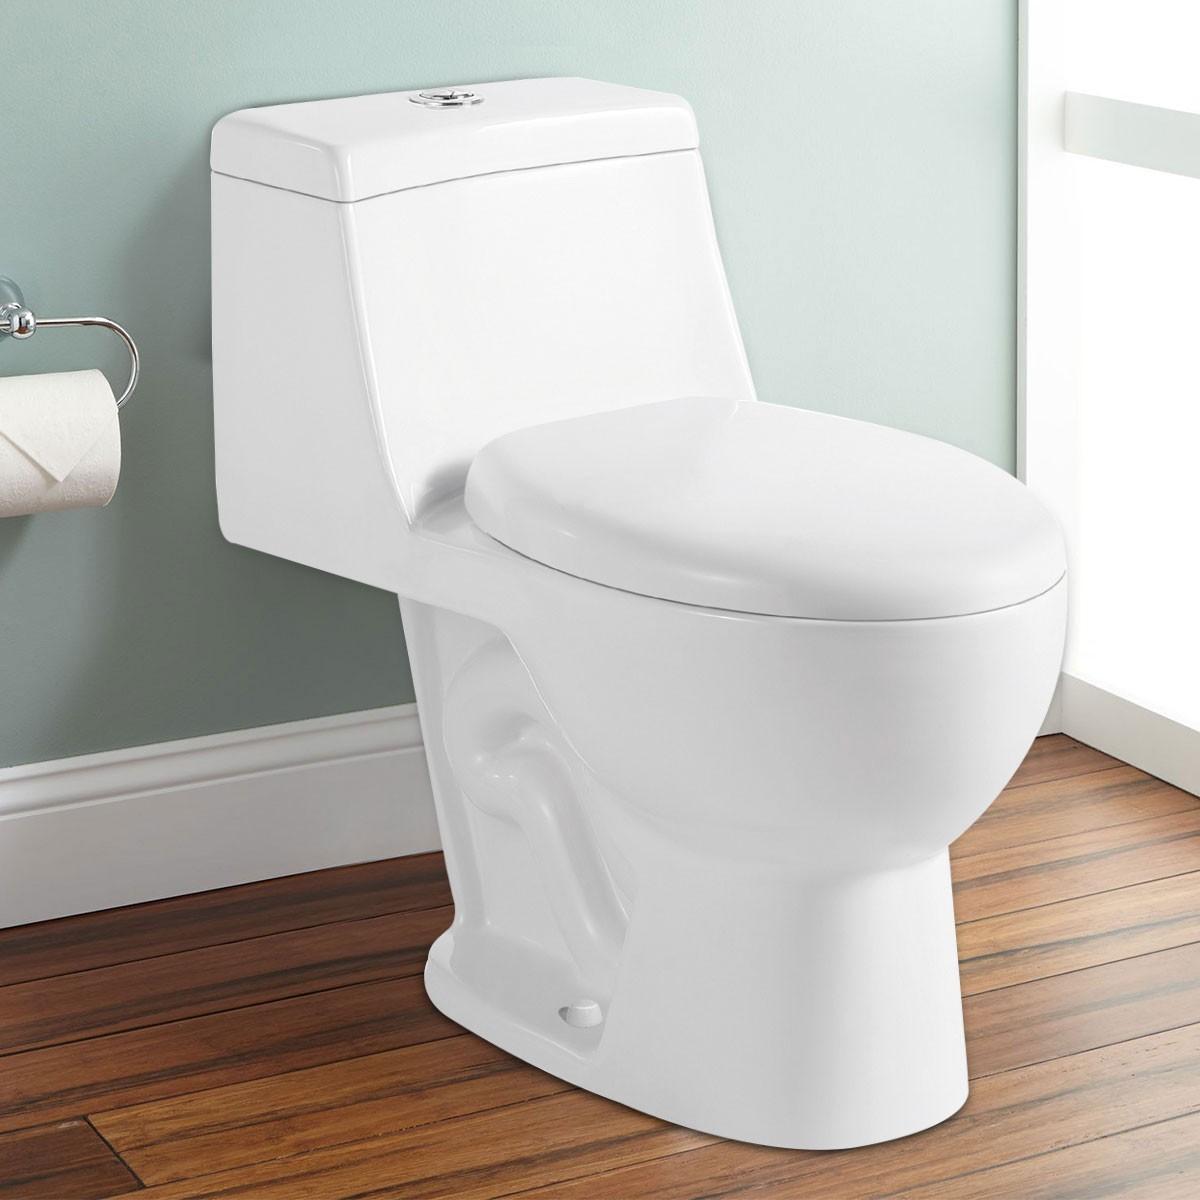 Toilette Monopièce à Double Chasse et à Action Siphonique (DK-ZBQ-12210)